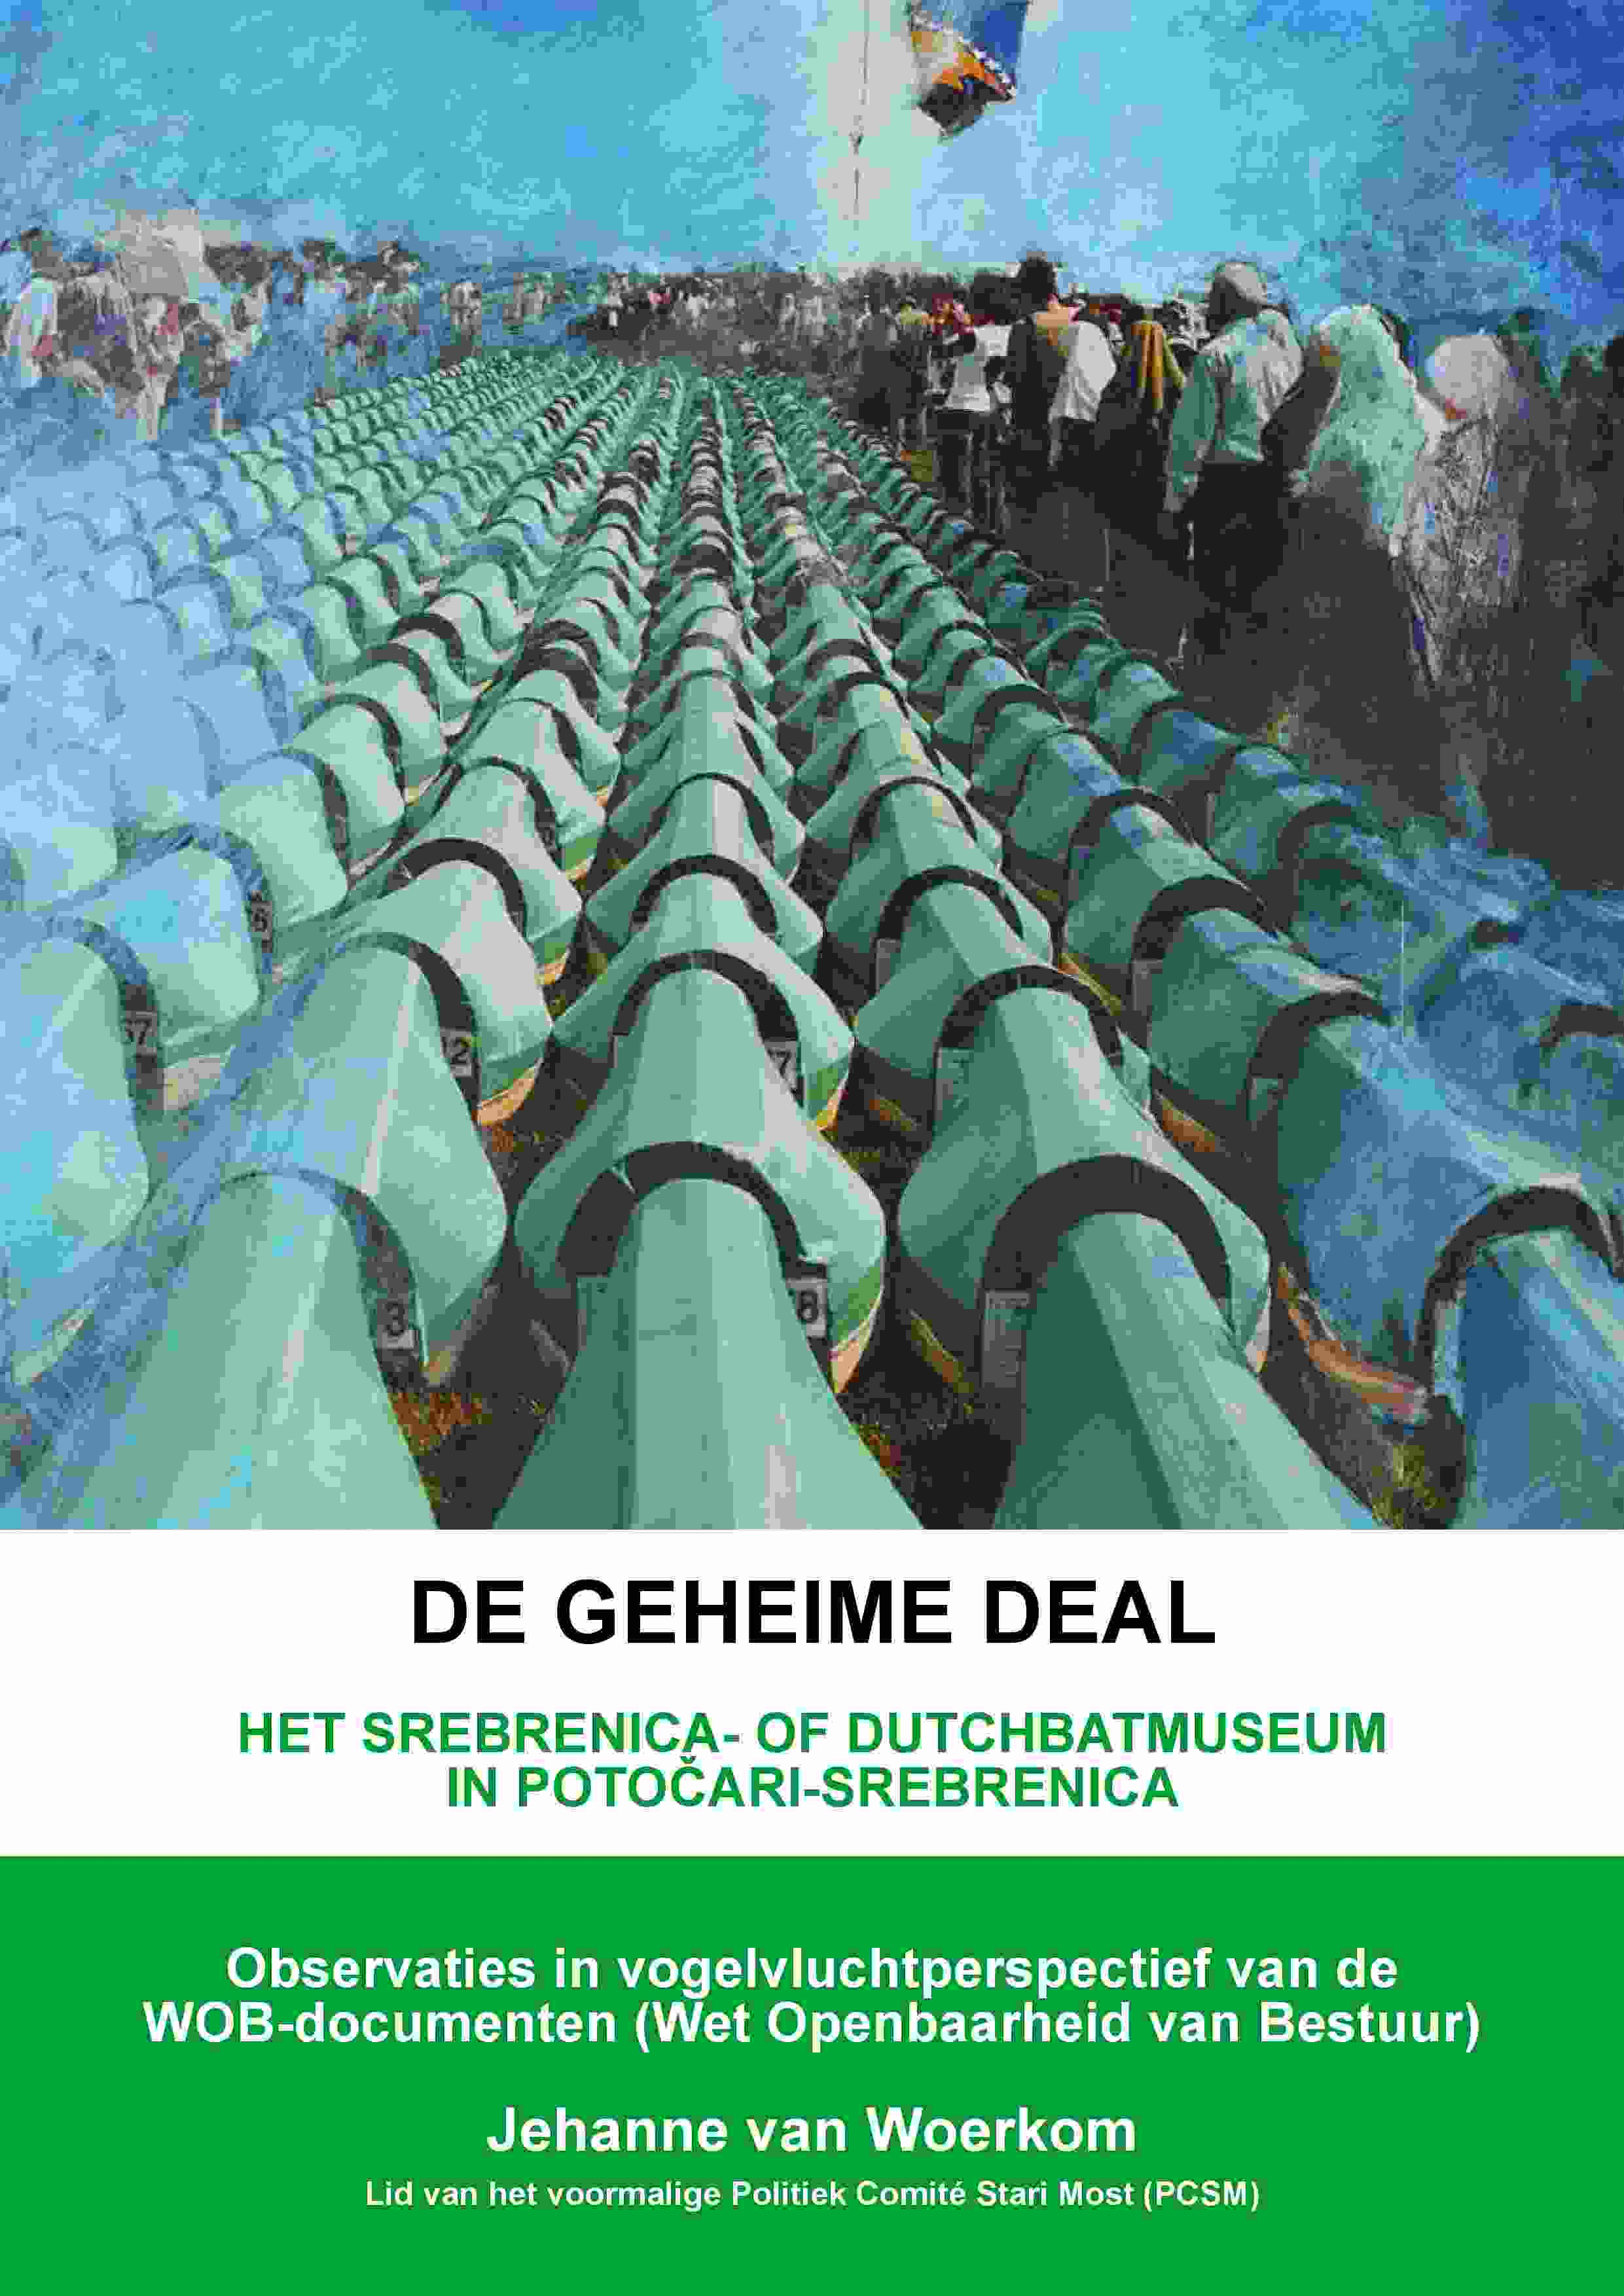 Voorpagina van het pamflet De Geheime Deal